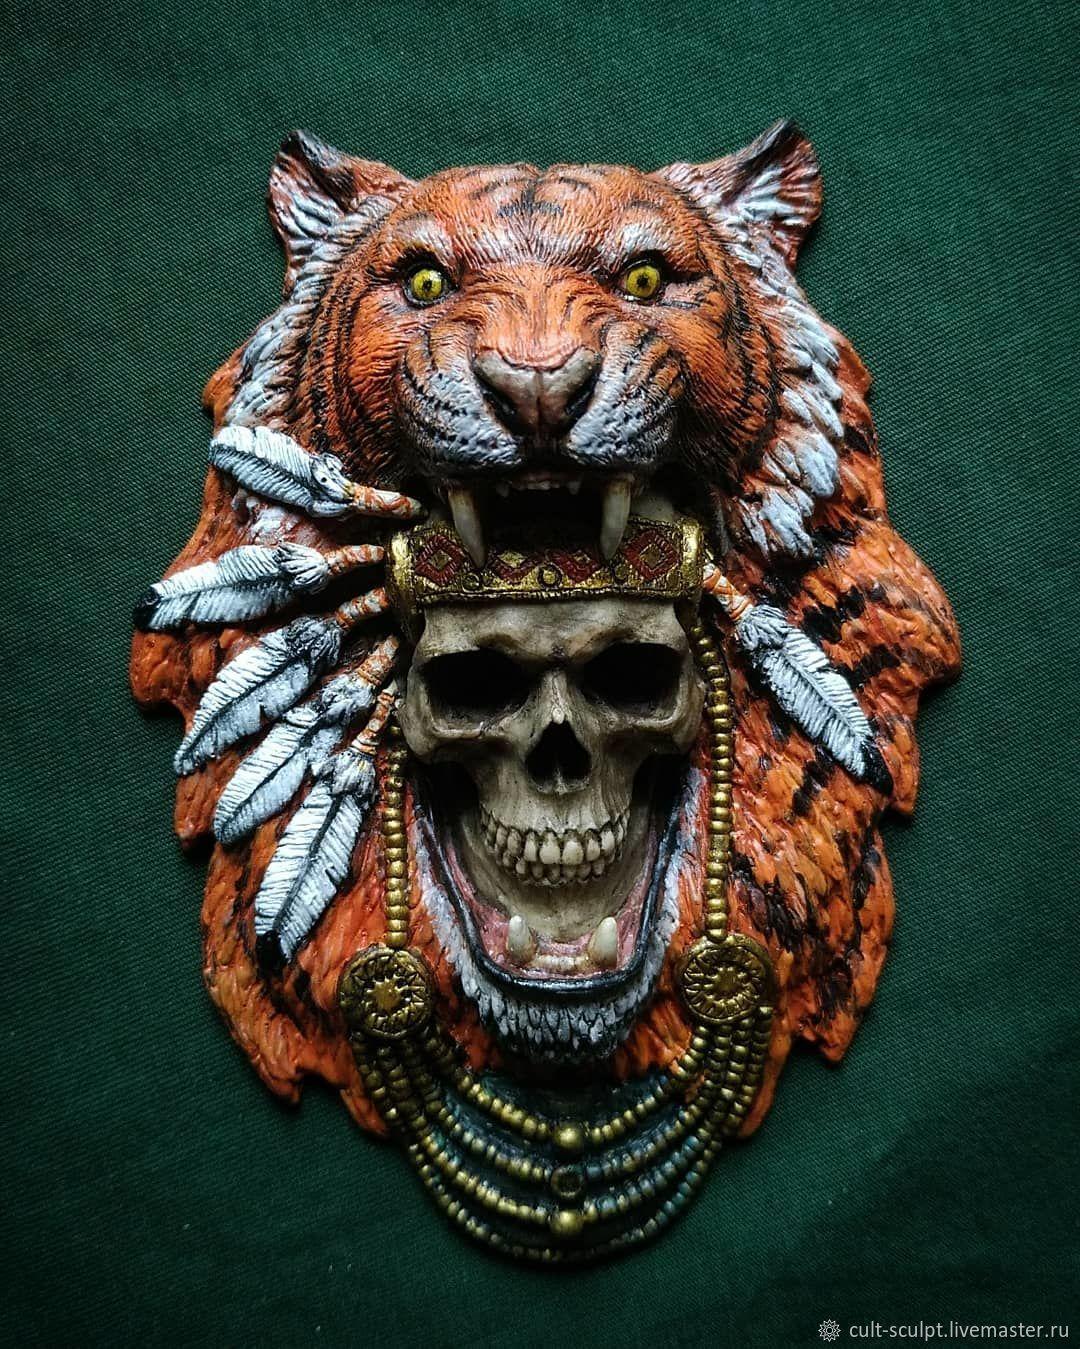 Магниты ручной работы. Ярмарка Мастеров - ручная работа. Купить Череп в тигровой шкуре магнит. Handmade. Тигр, сувенир, черепа